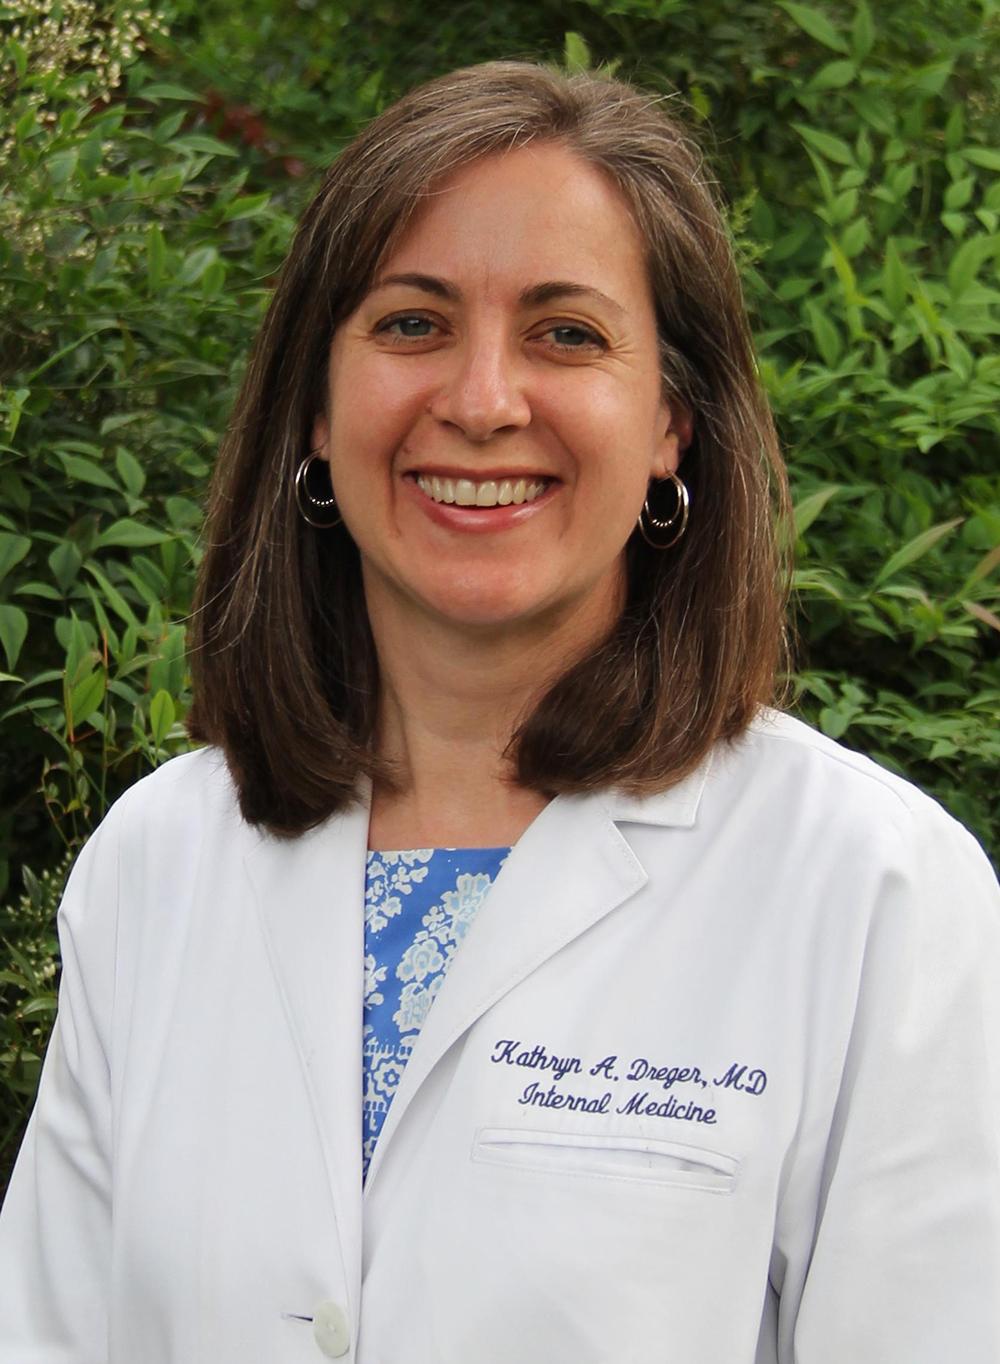 Dr. Kathryn A Dreger